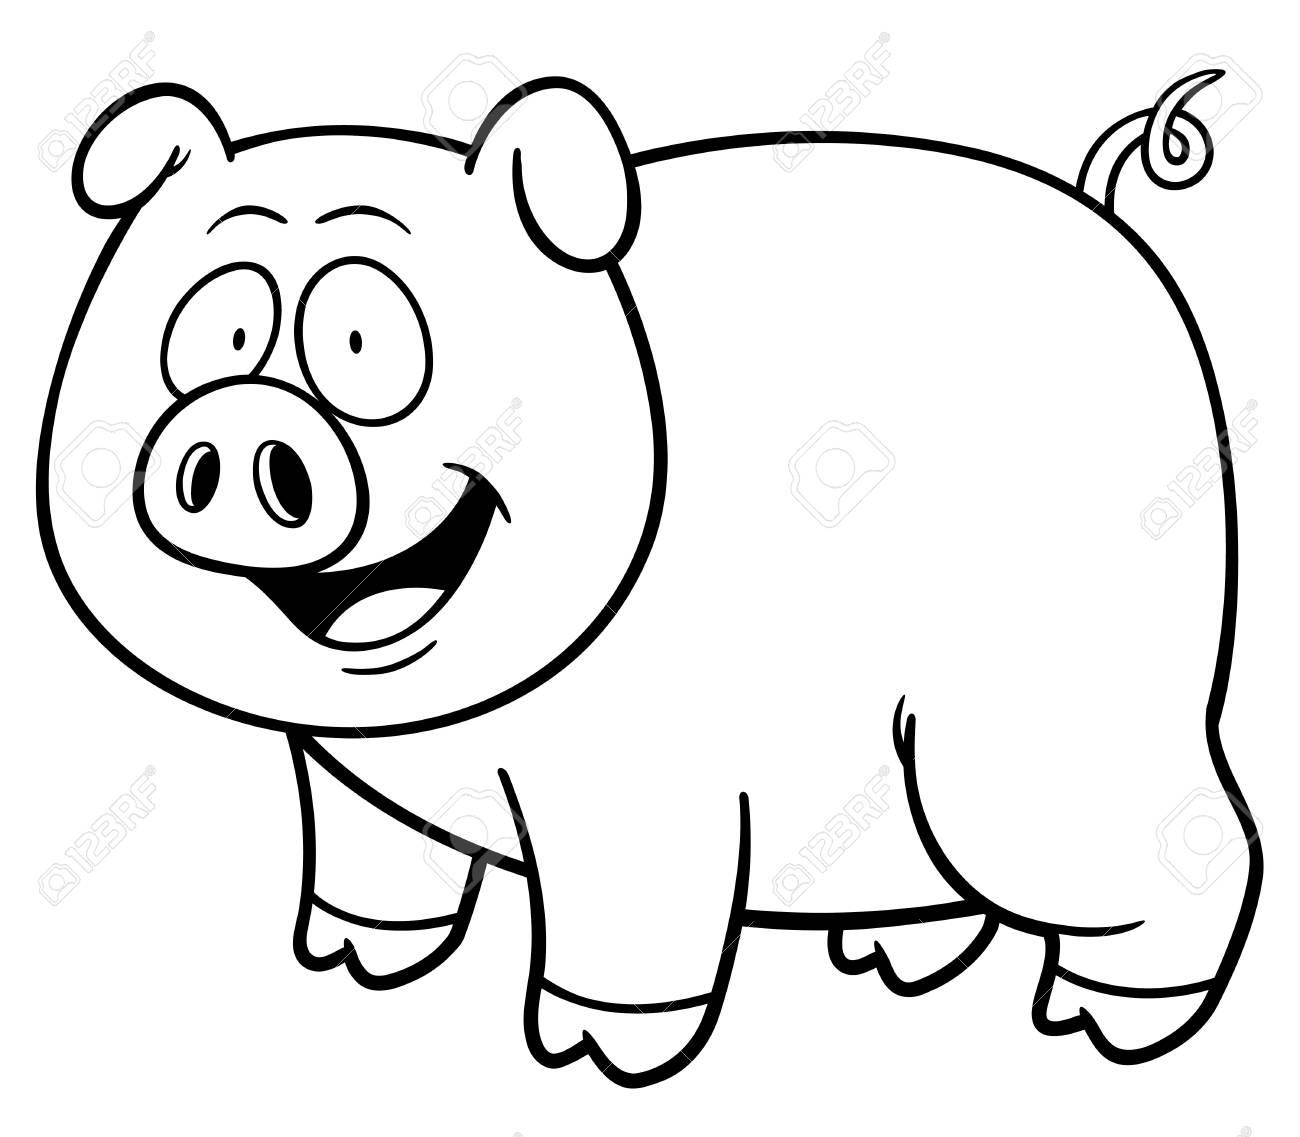 Ilustración De Dibujos Animados De Cerdo - Libro De Colorante ...